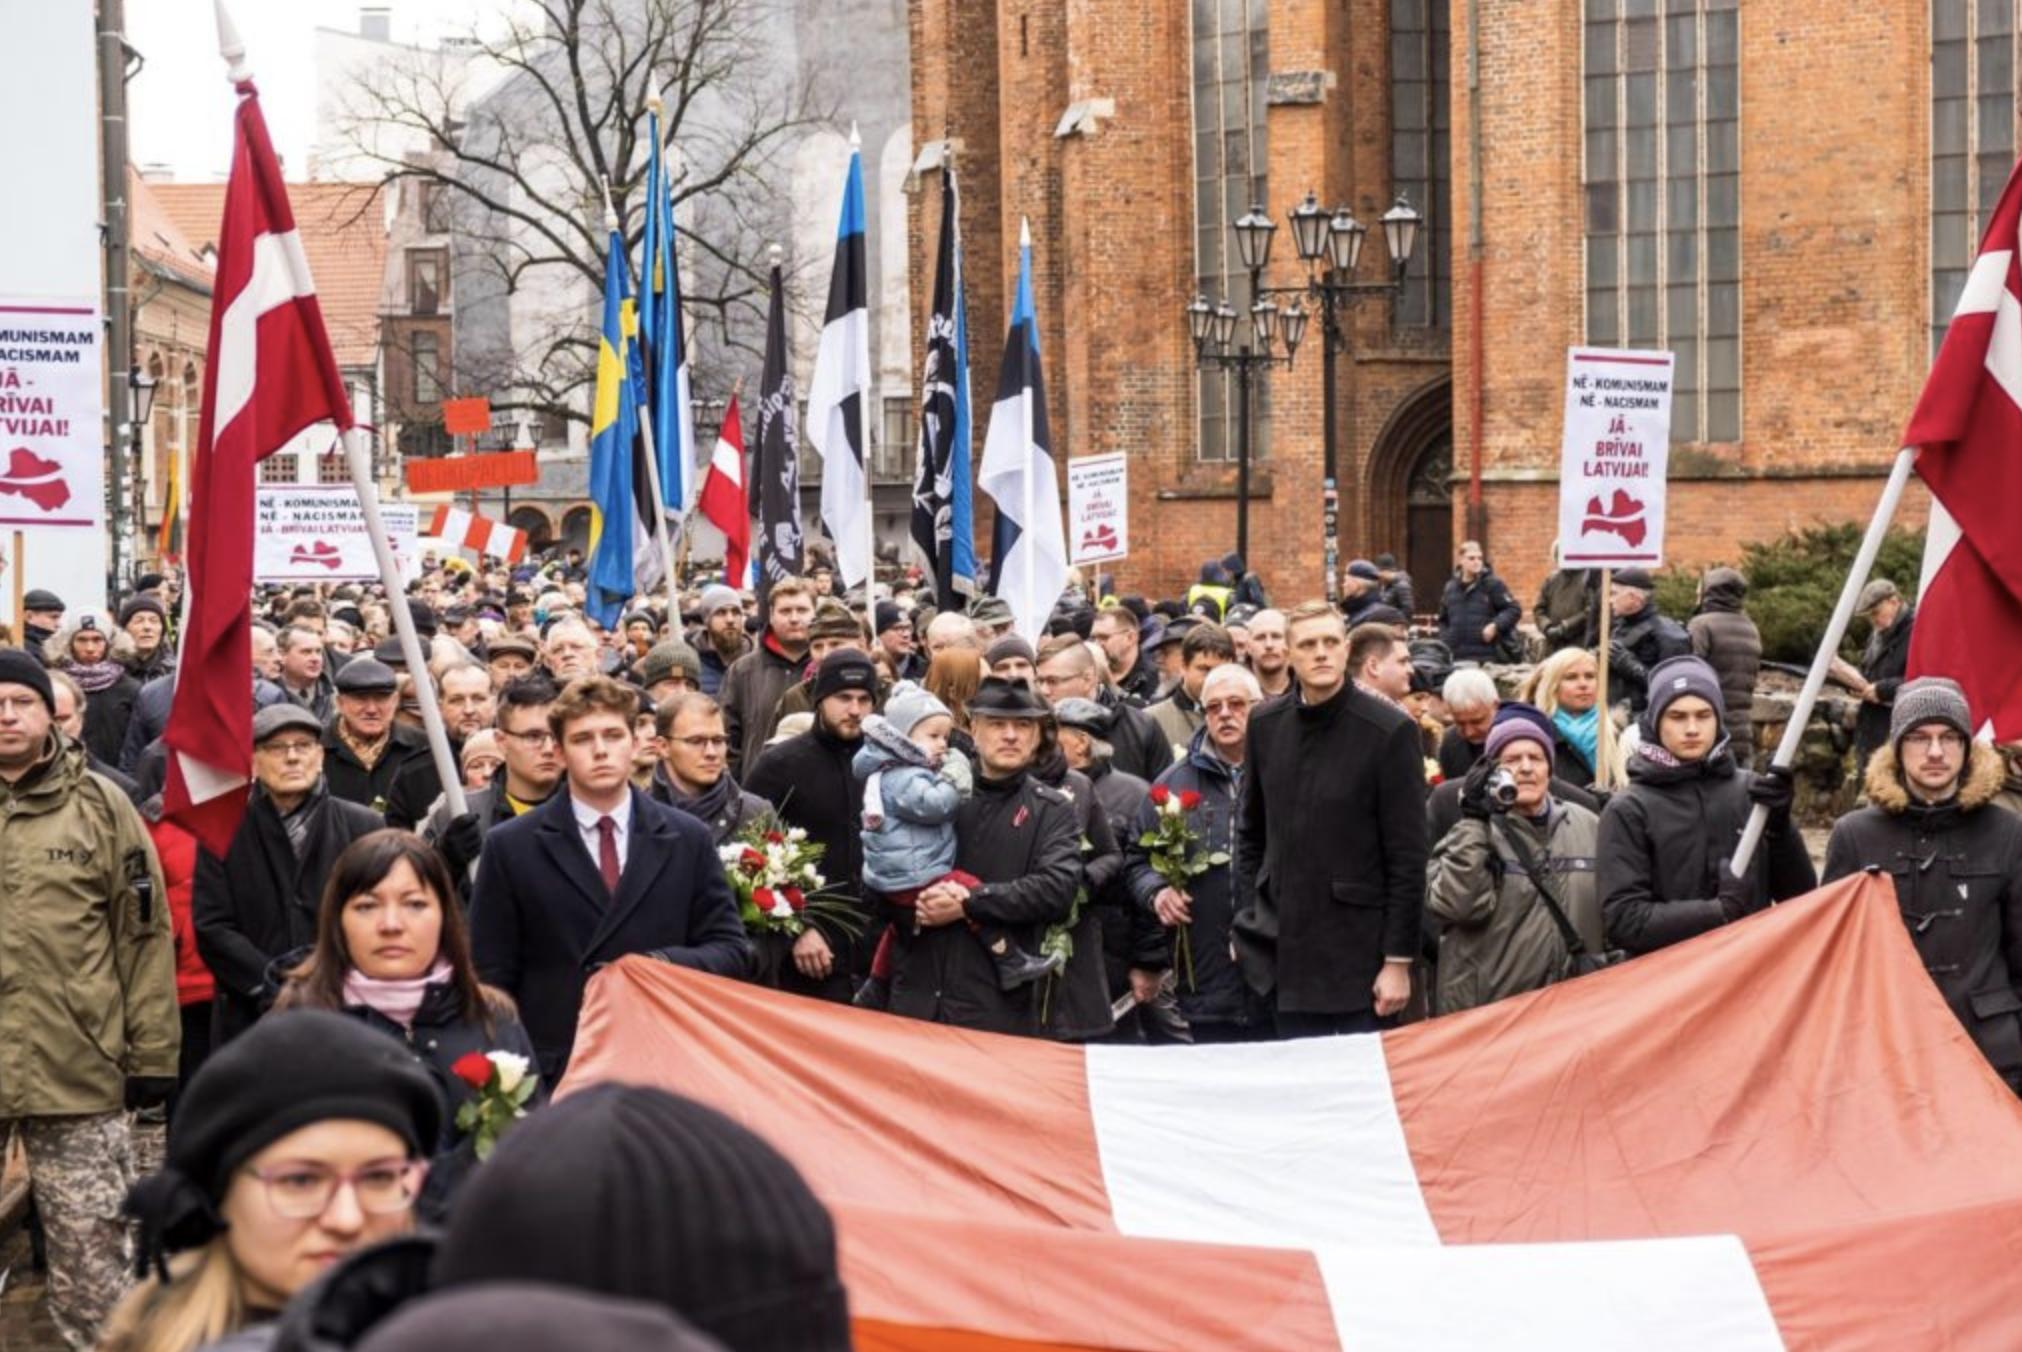 16 марта в Риге проходят традиционные шествия в честь палачей, устроивших бойню в деревне Жестяная Горка. Фото © Nacionālā apvienība Visu Latvijai!